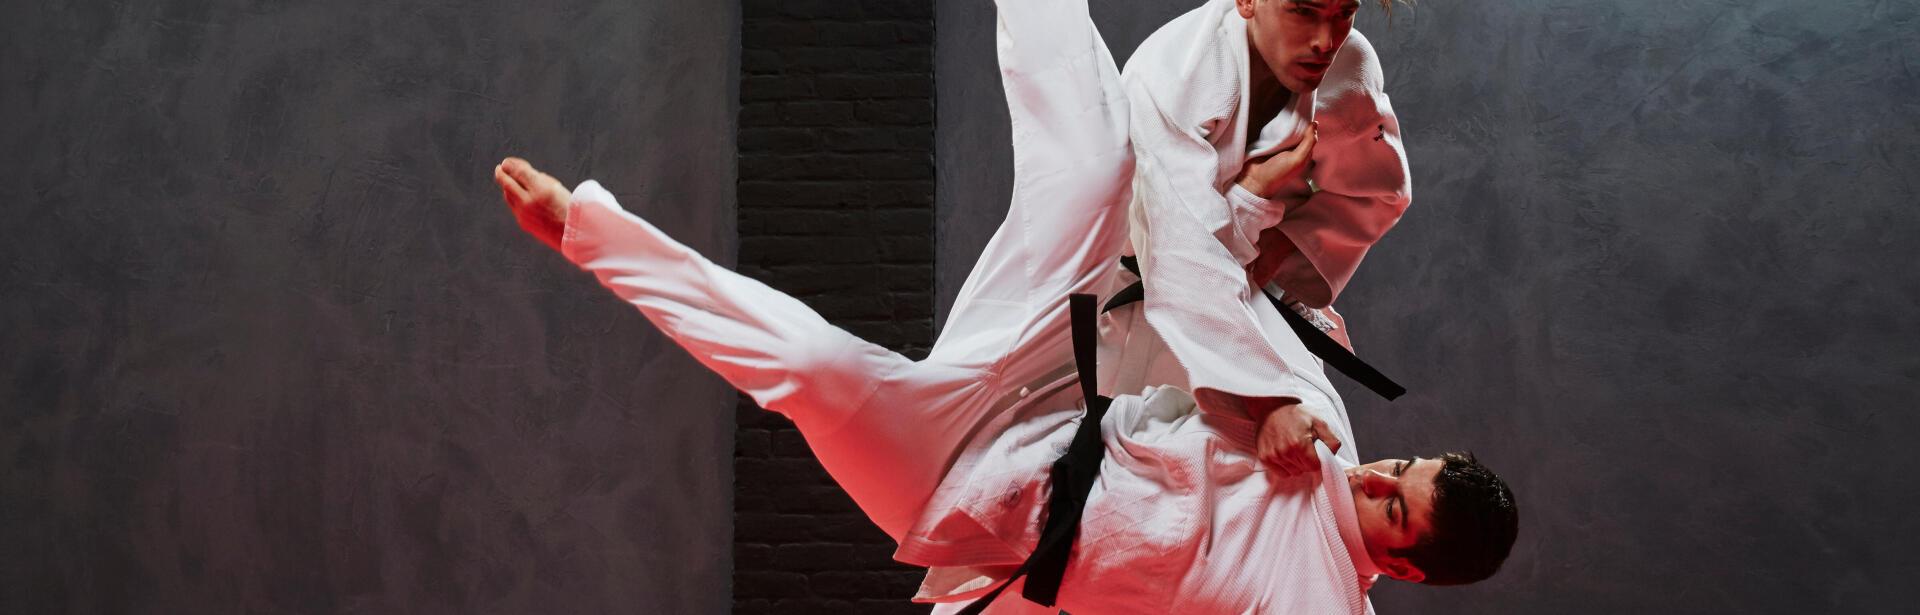 judo et arts martiaux